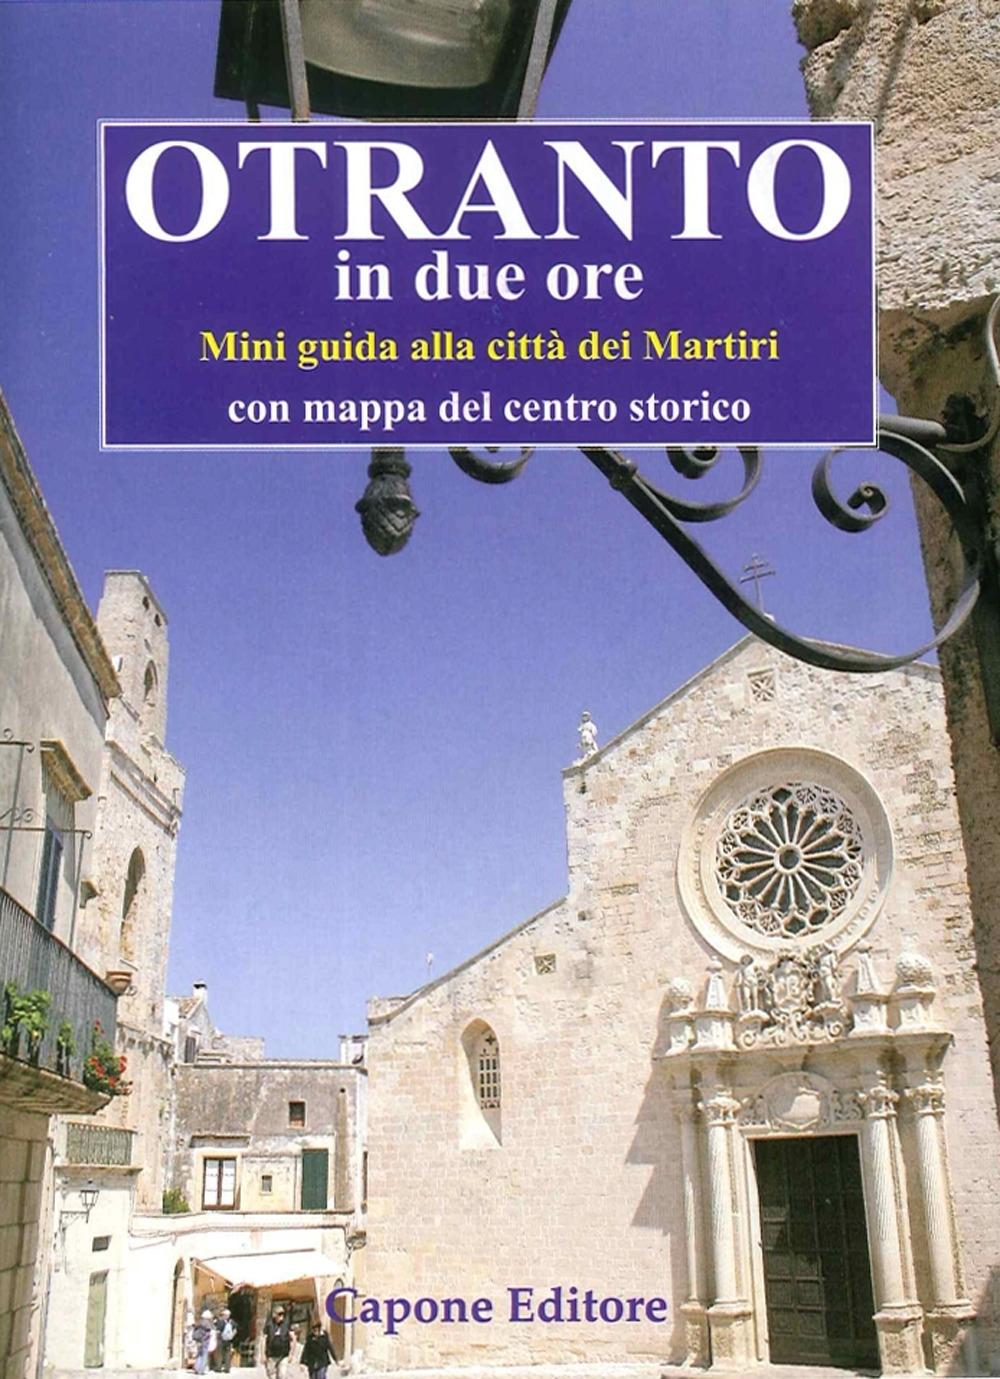 Otranto in Due Ore. Miniguida del Centro Storico.